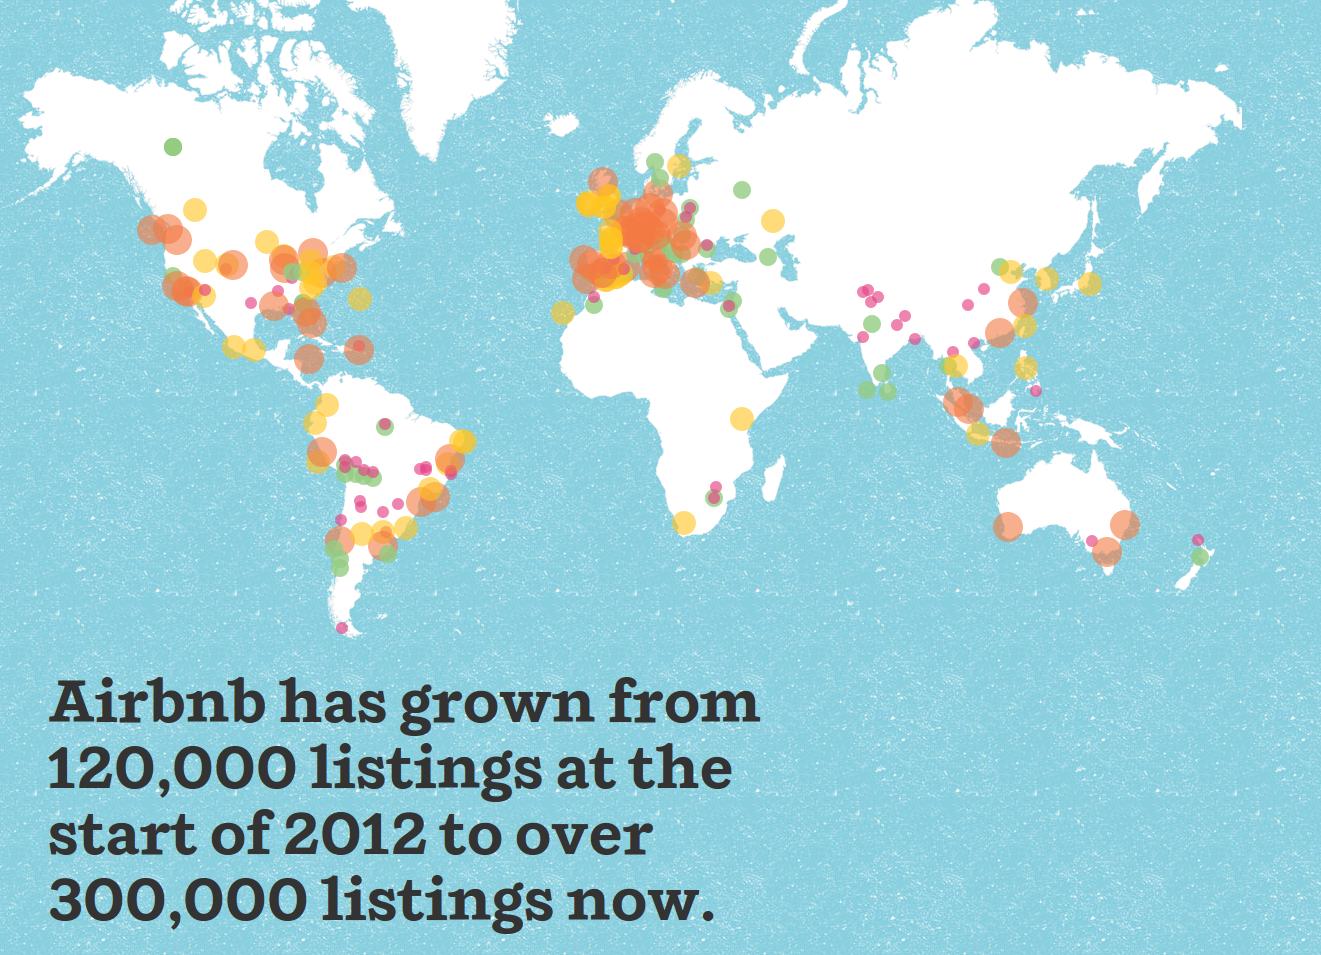 Airbnb ist von 120,000 Inseraten am Anfang auf über 300,000 gewachsen | Quelle: Airbnb